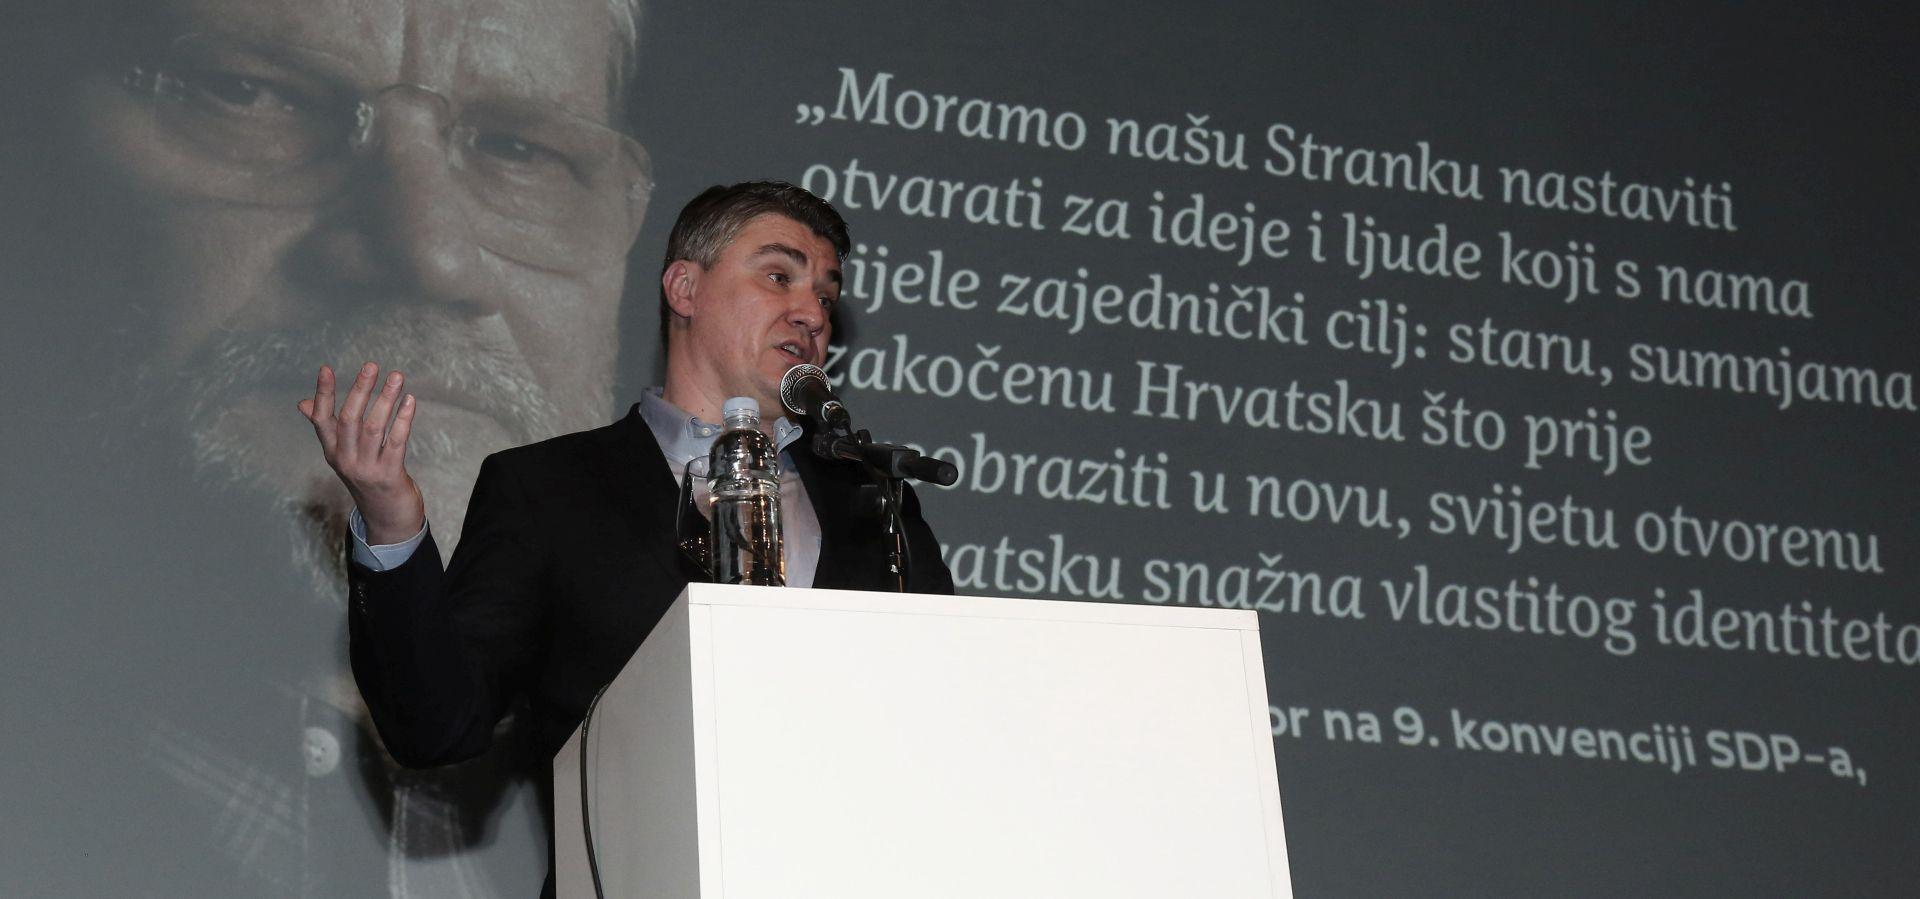 """MILANOVIĆ """"Ovo je jedna prava mala kriza Hrvatske, to je nedopustivo"""""""